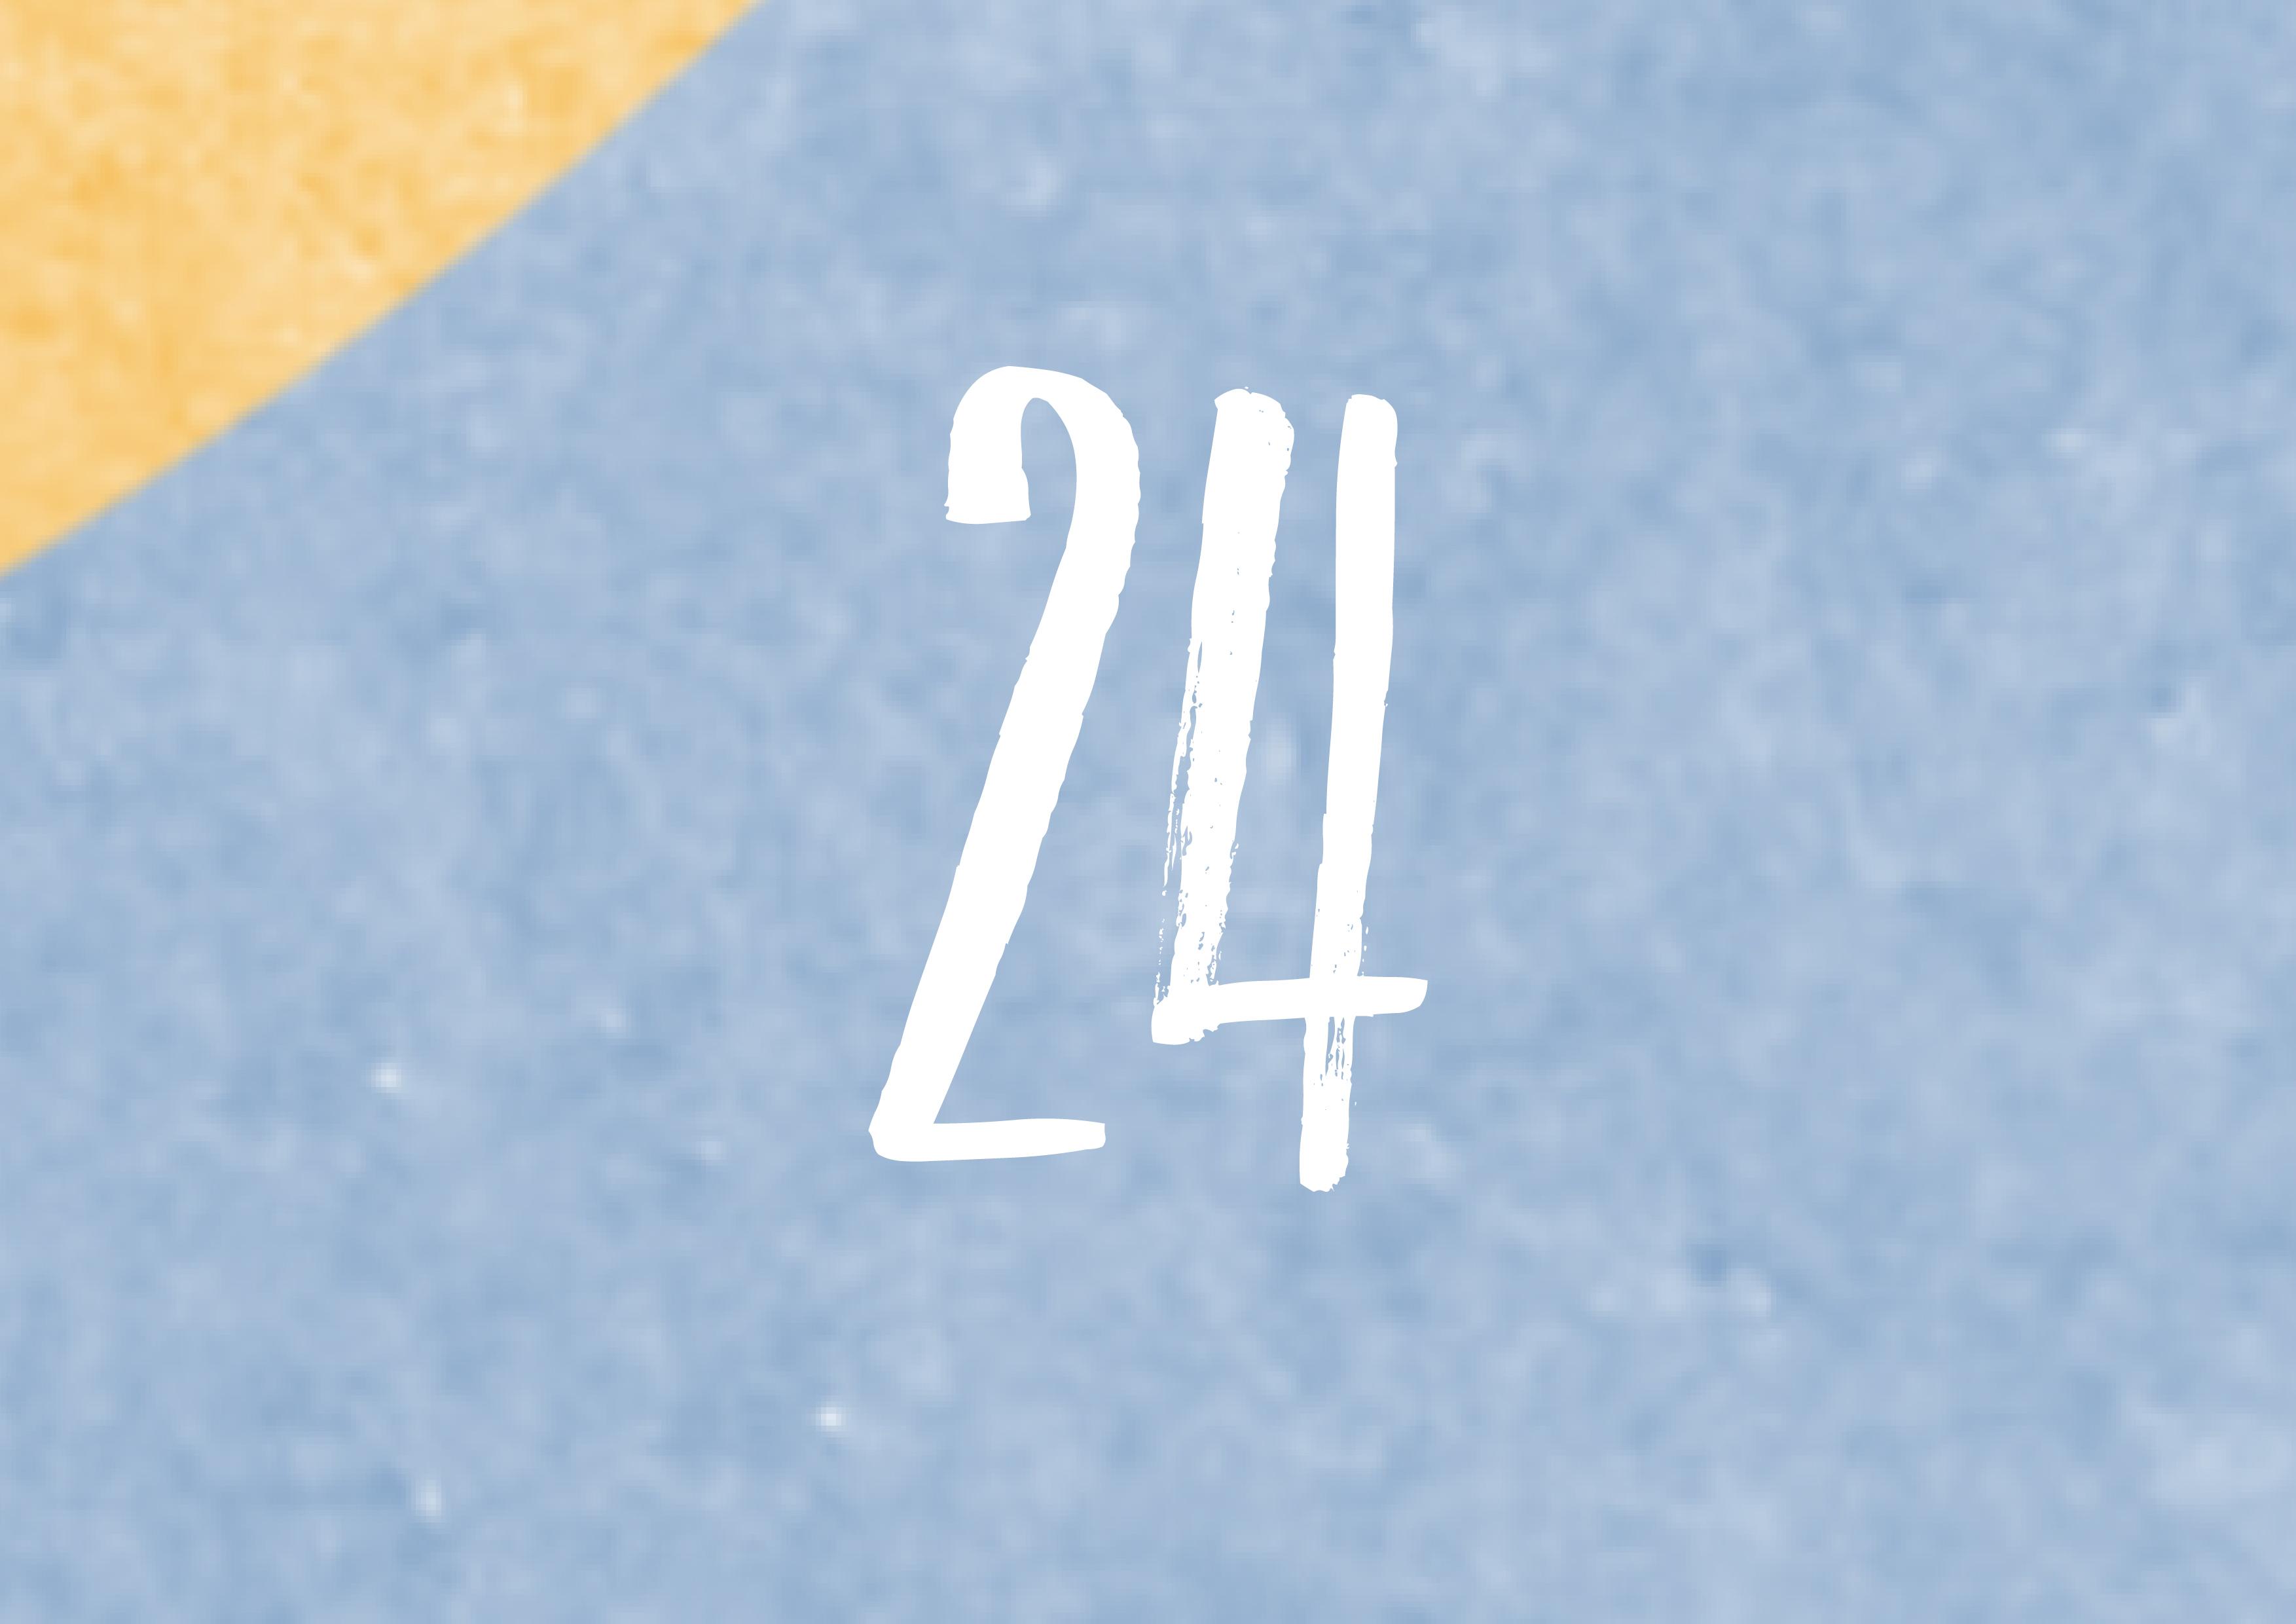 Calendrier de l'avent - 24